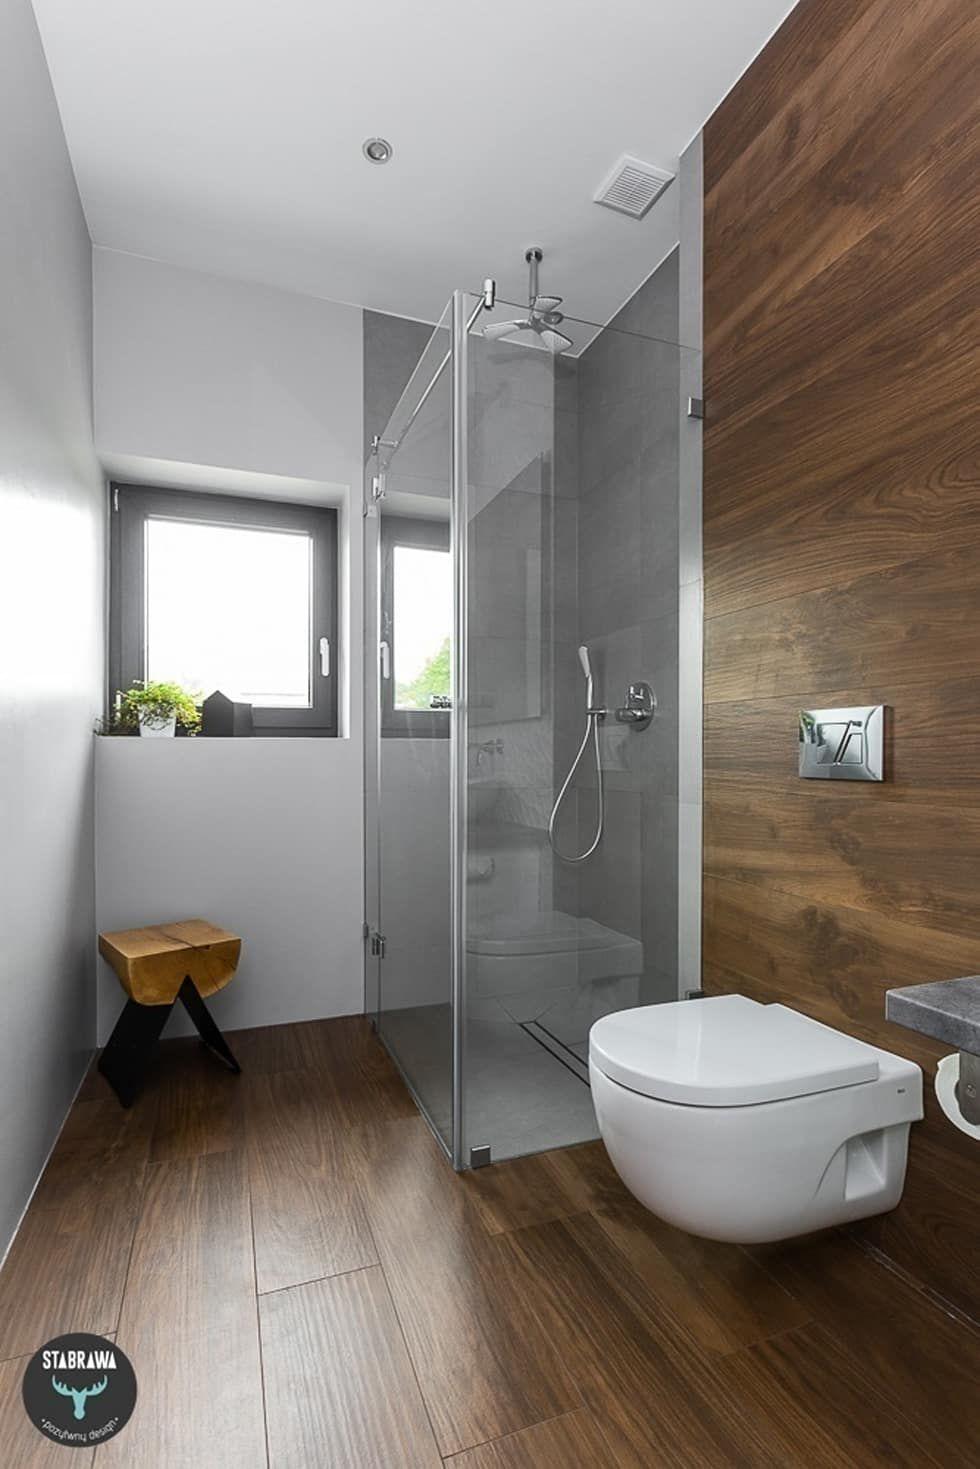 wohnideen interior design einrichtungsideen bilder skandinavisches badezimmer. Black Bedroom Furniture Sets. Home Design Ideas